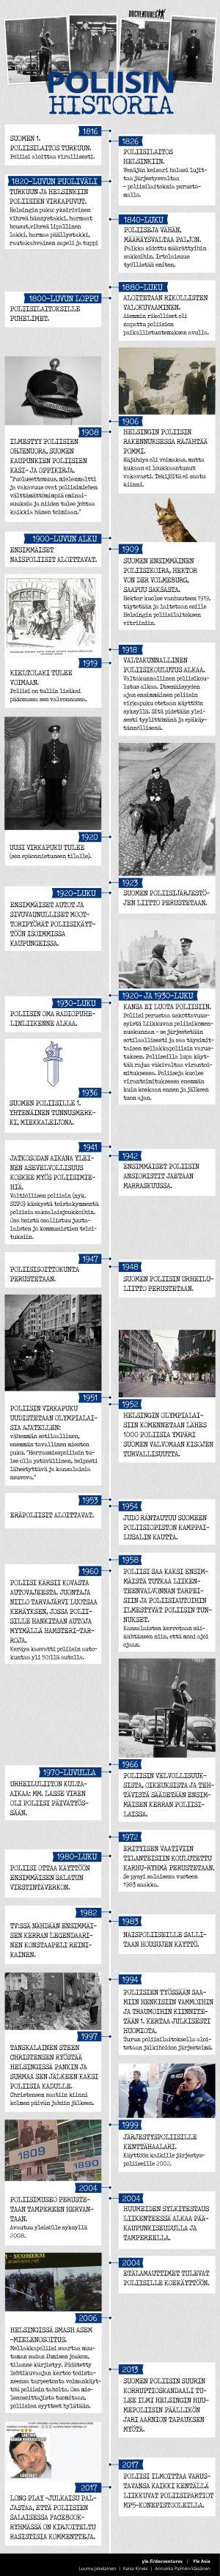 Docventures ja poliisin historia